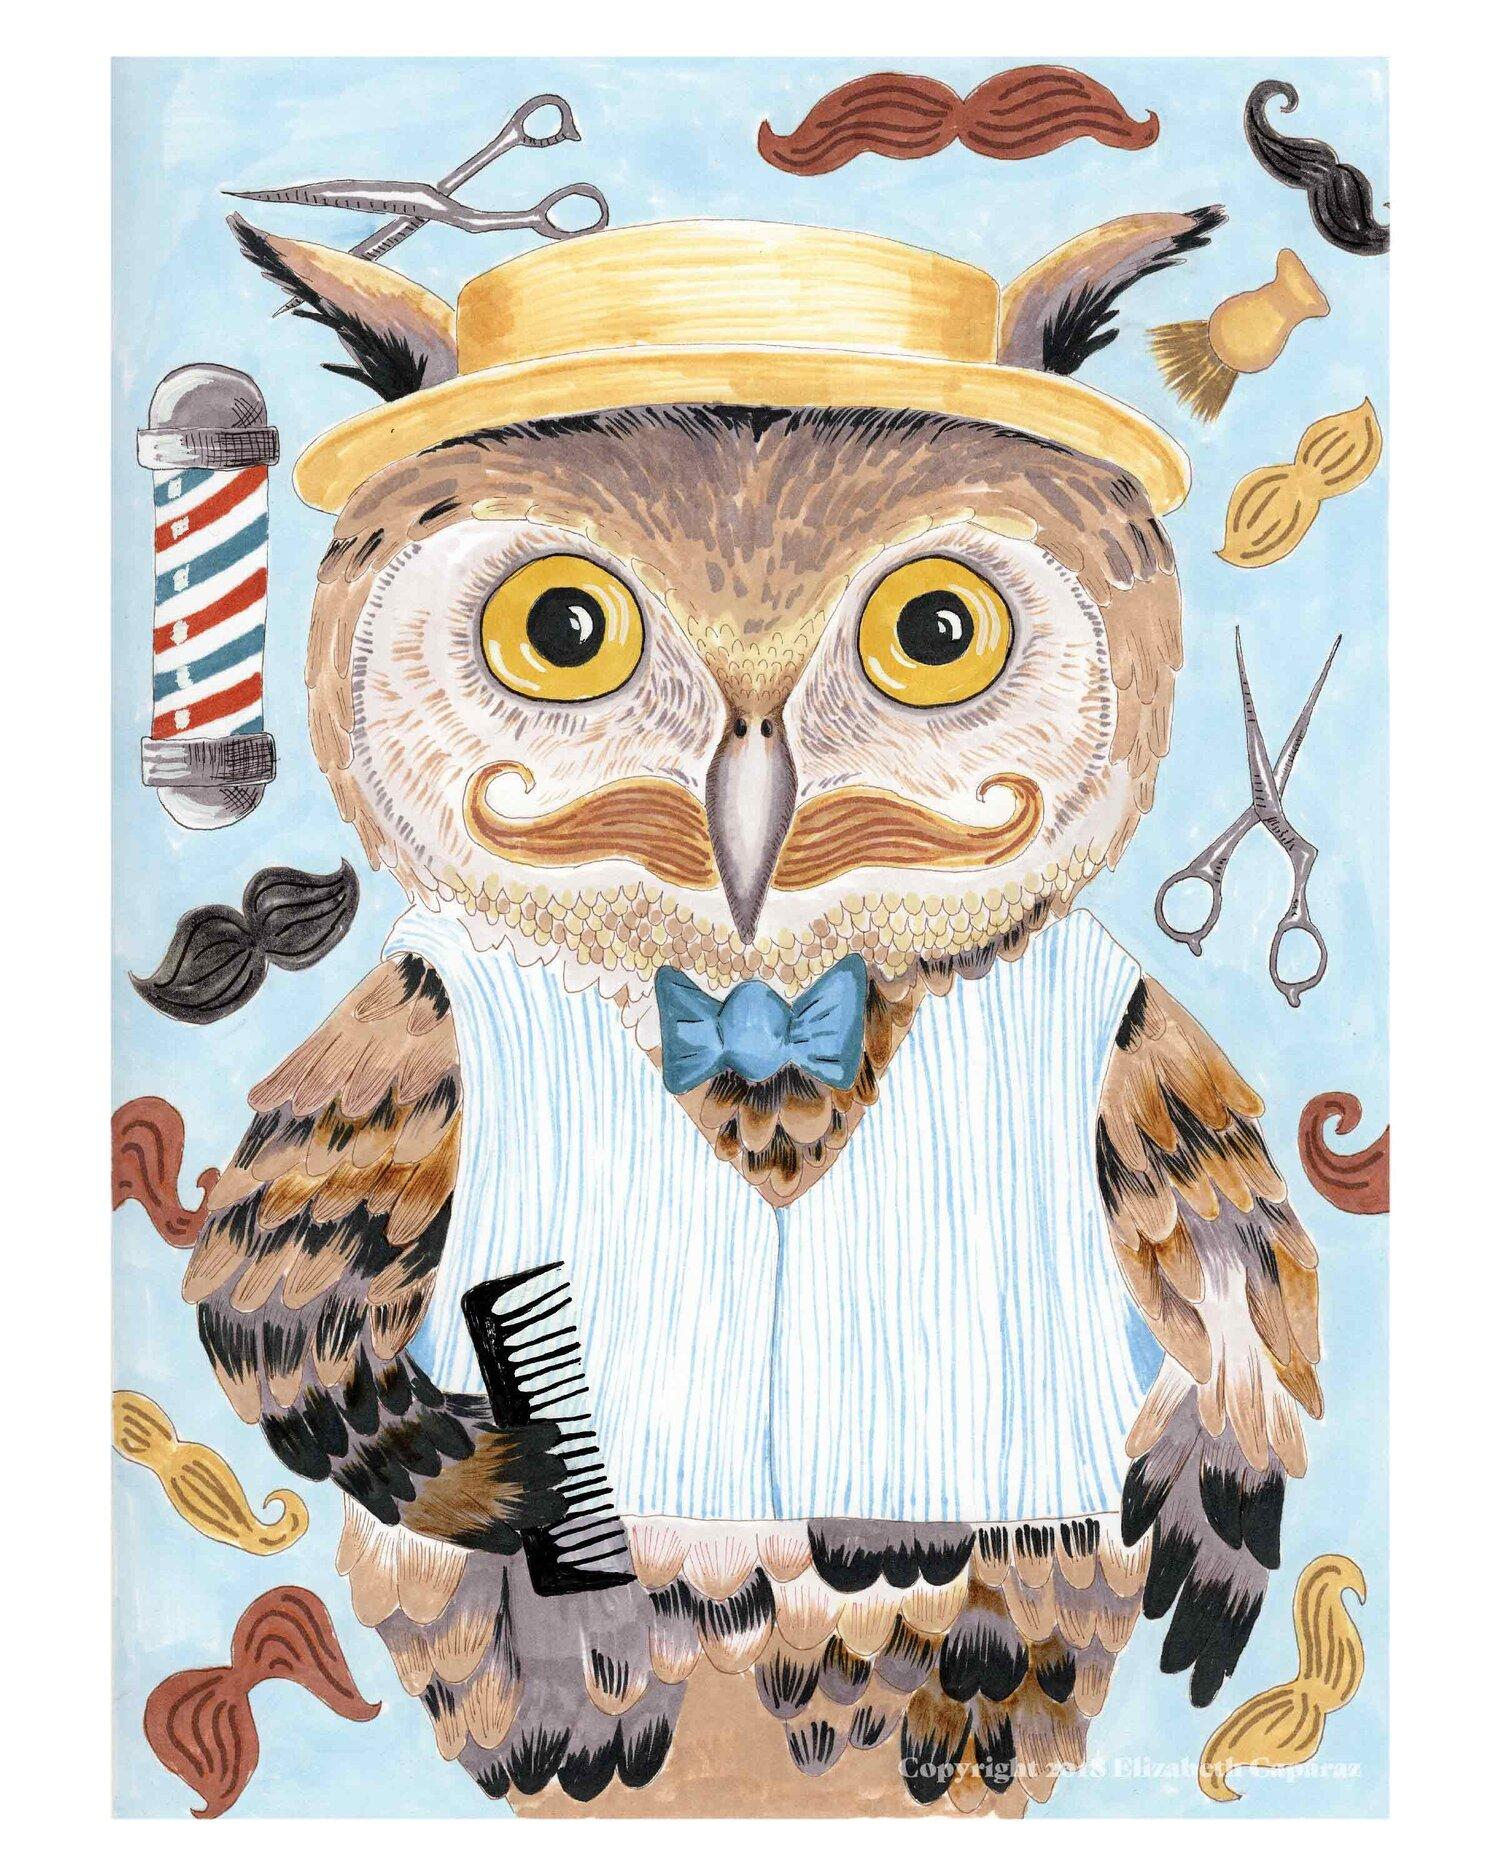 Mr. Owl Barbersworth